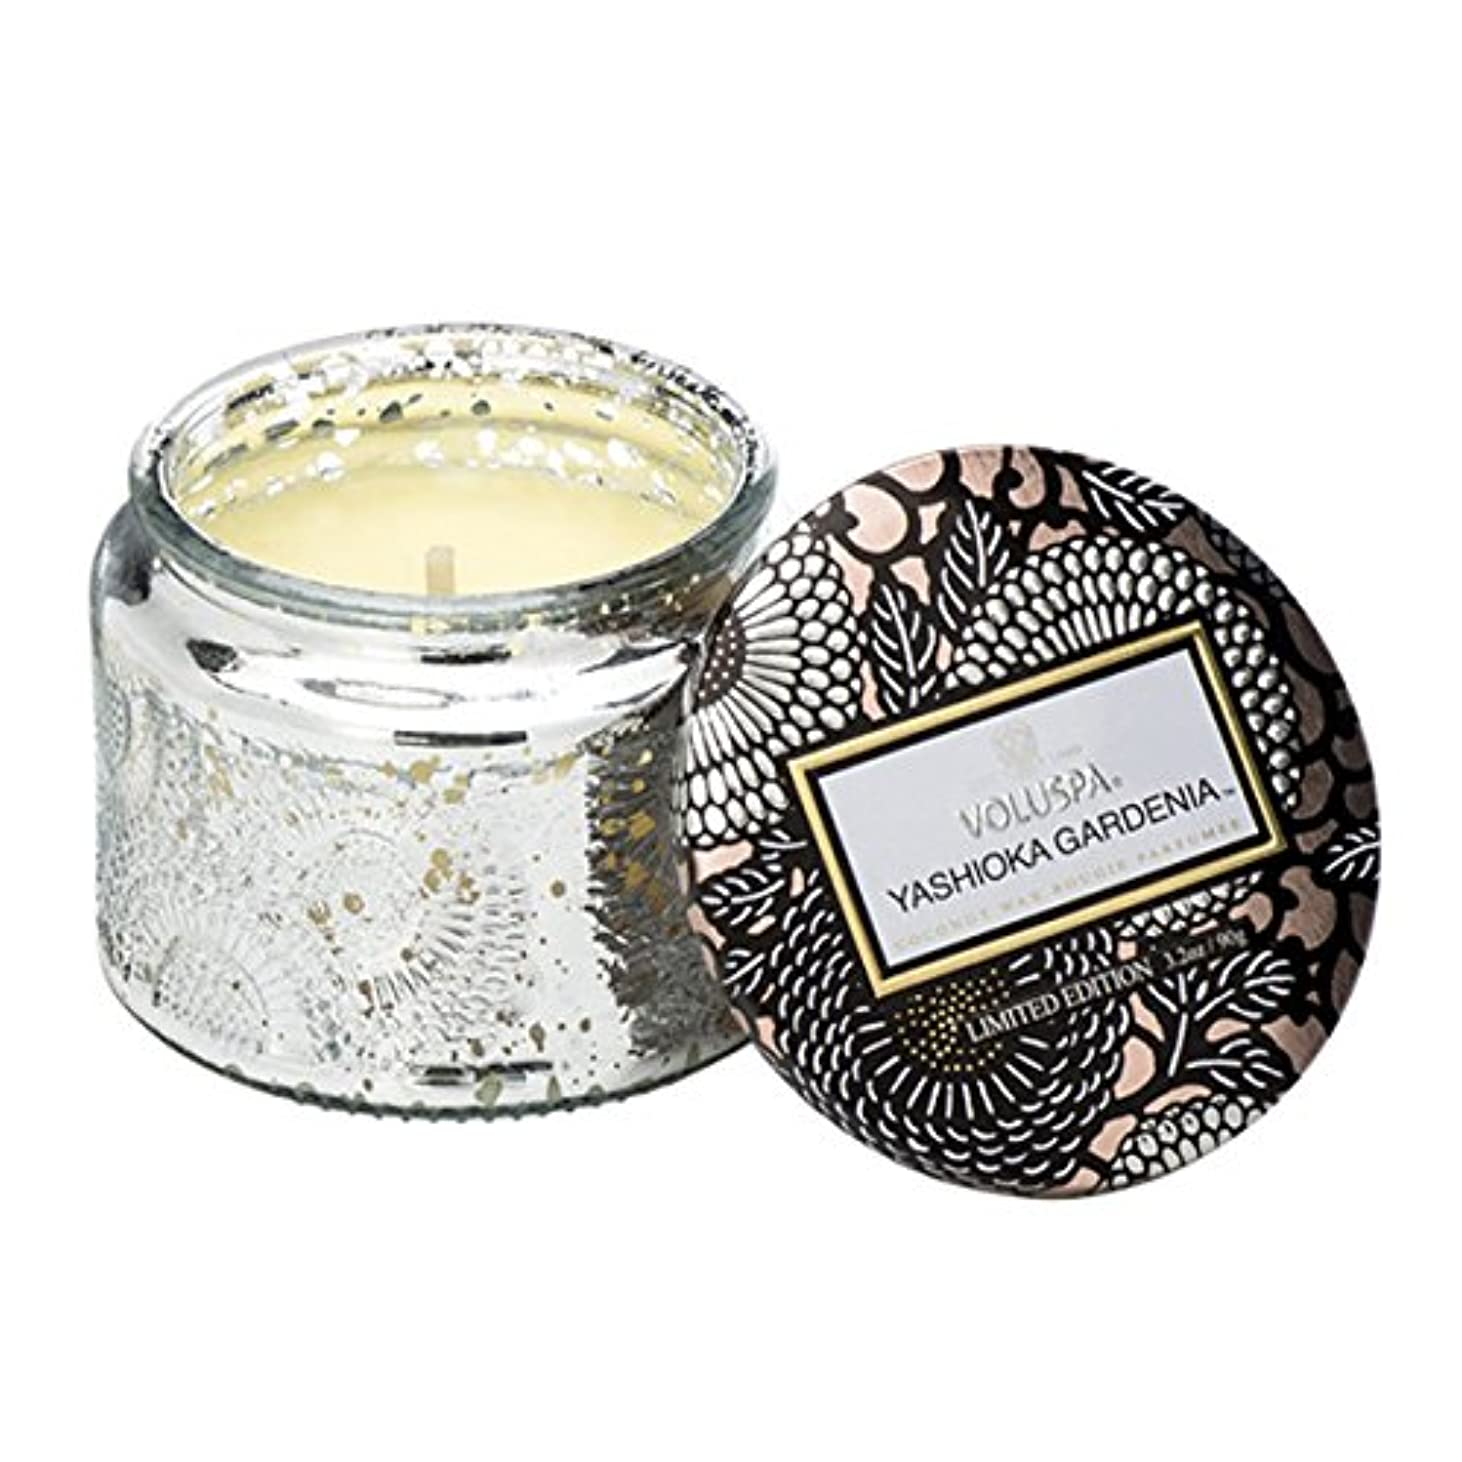 正当化する有毒な国家Voluspa ボルスパ ジャポニカ リミテッド グラスジャーキャンドル  S ヤシオカガーデニア YASHIOKA GARDENIA JAPONICA Limited PETITE EMBOSSED Glass jar candle